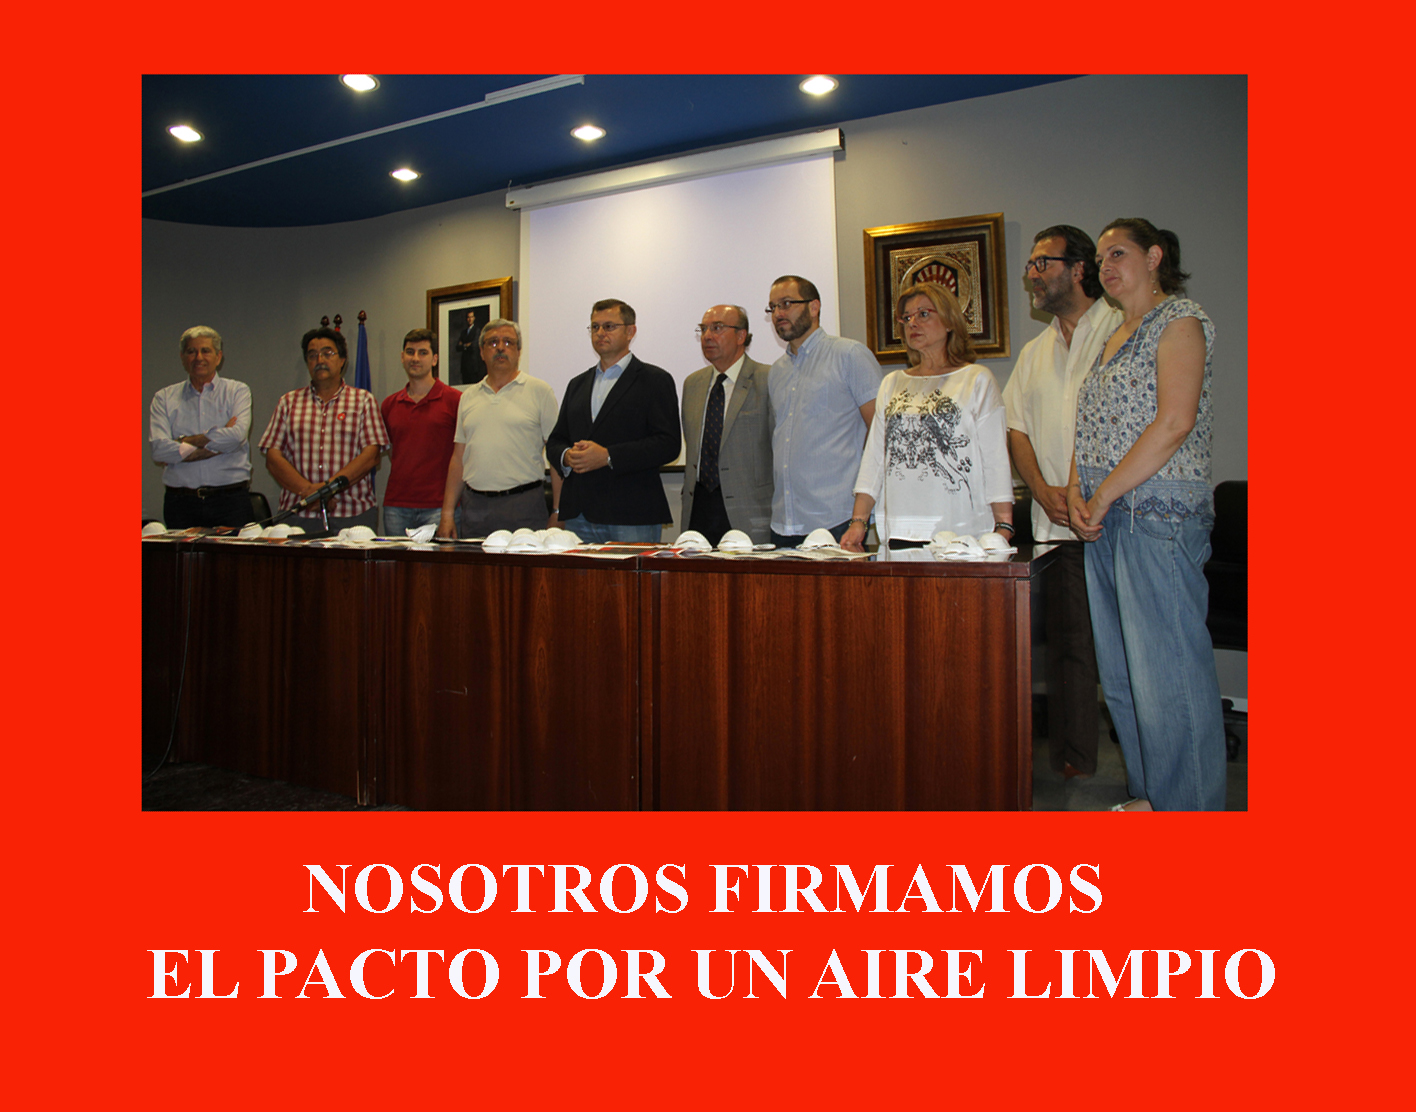 Córdoba Aire Limpio denuncia obstrucción informativa por parte de la Gerencia de Urbanismo